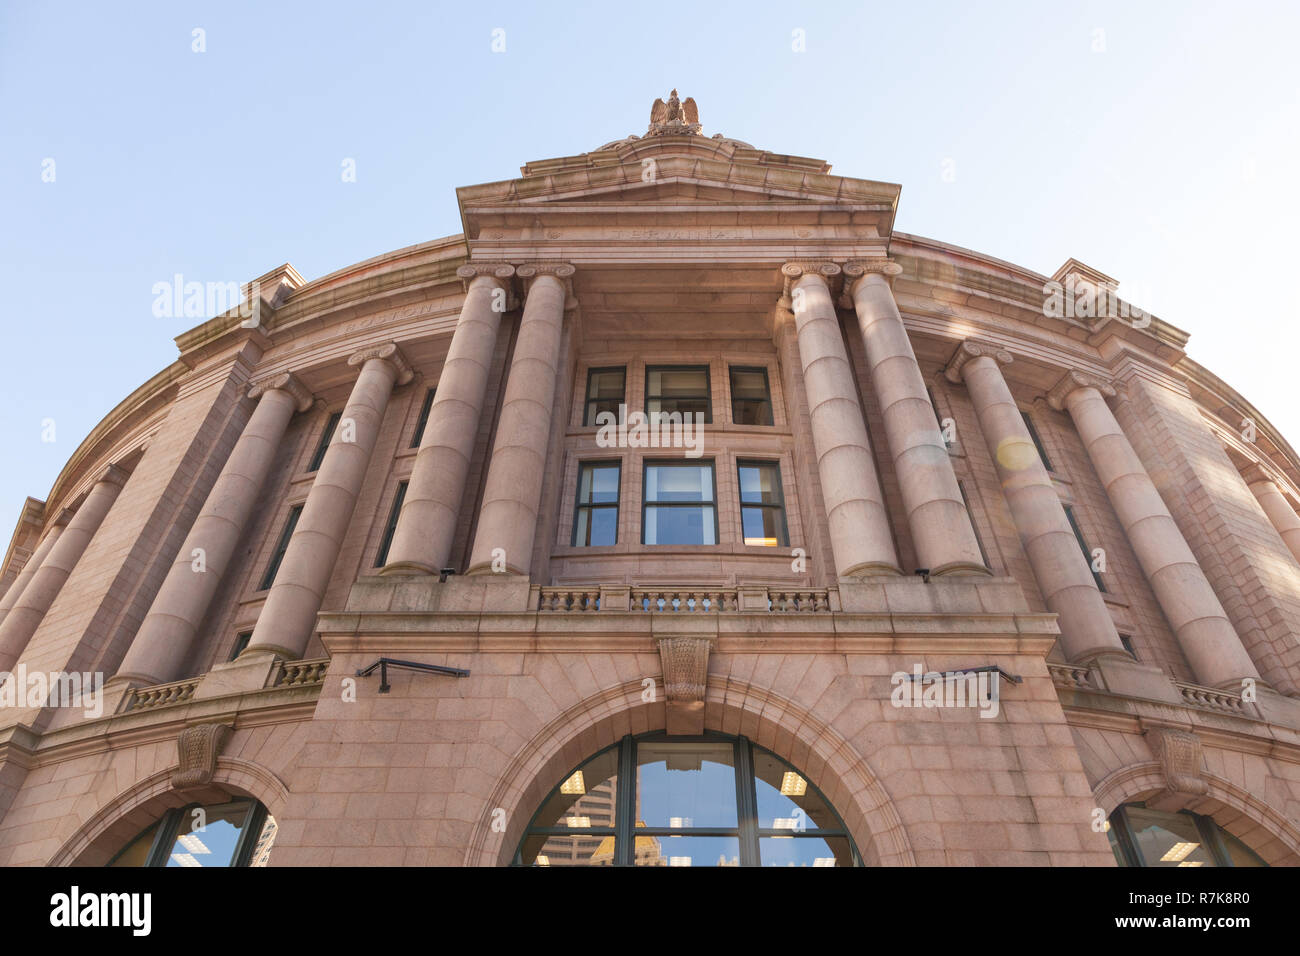 La gare du sud, Boston, Massachusetts, États-Unis d'Amérique. Banque D'Images